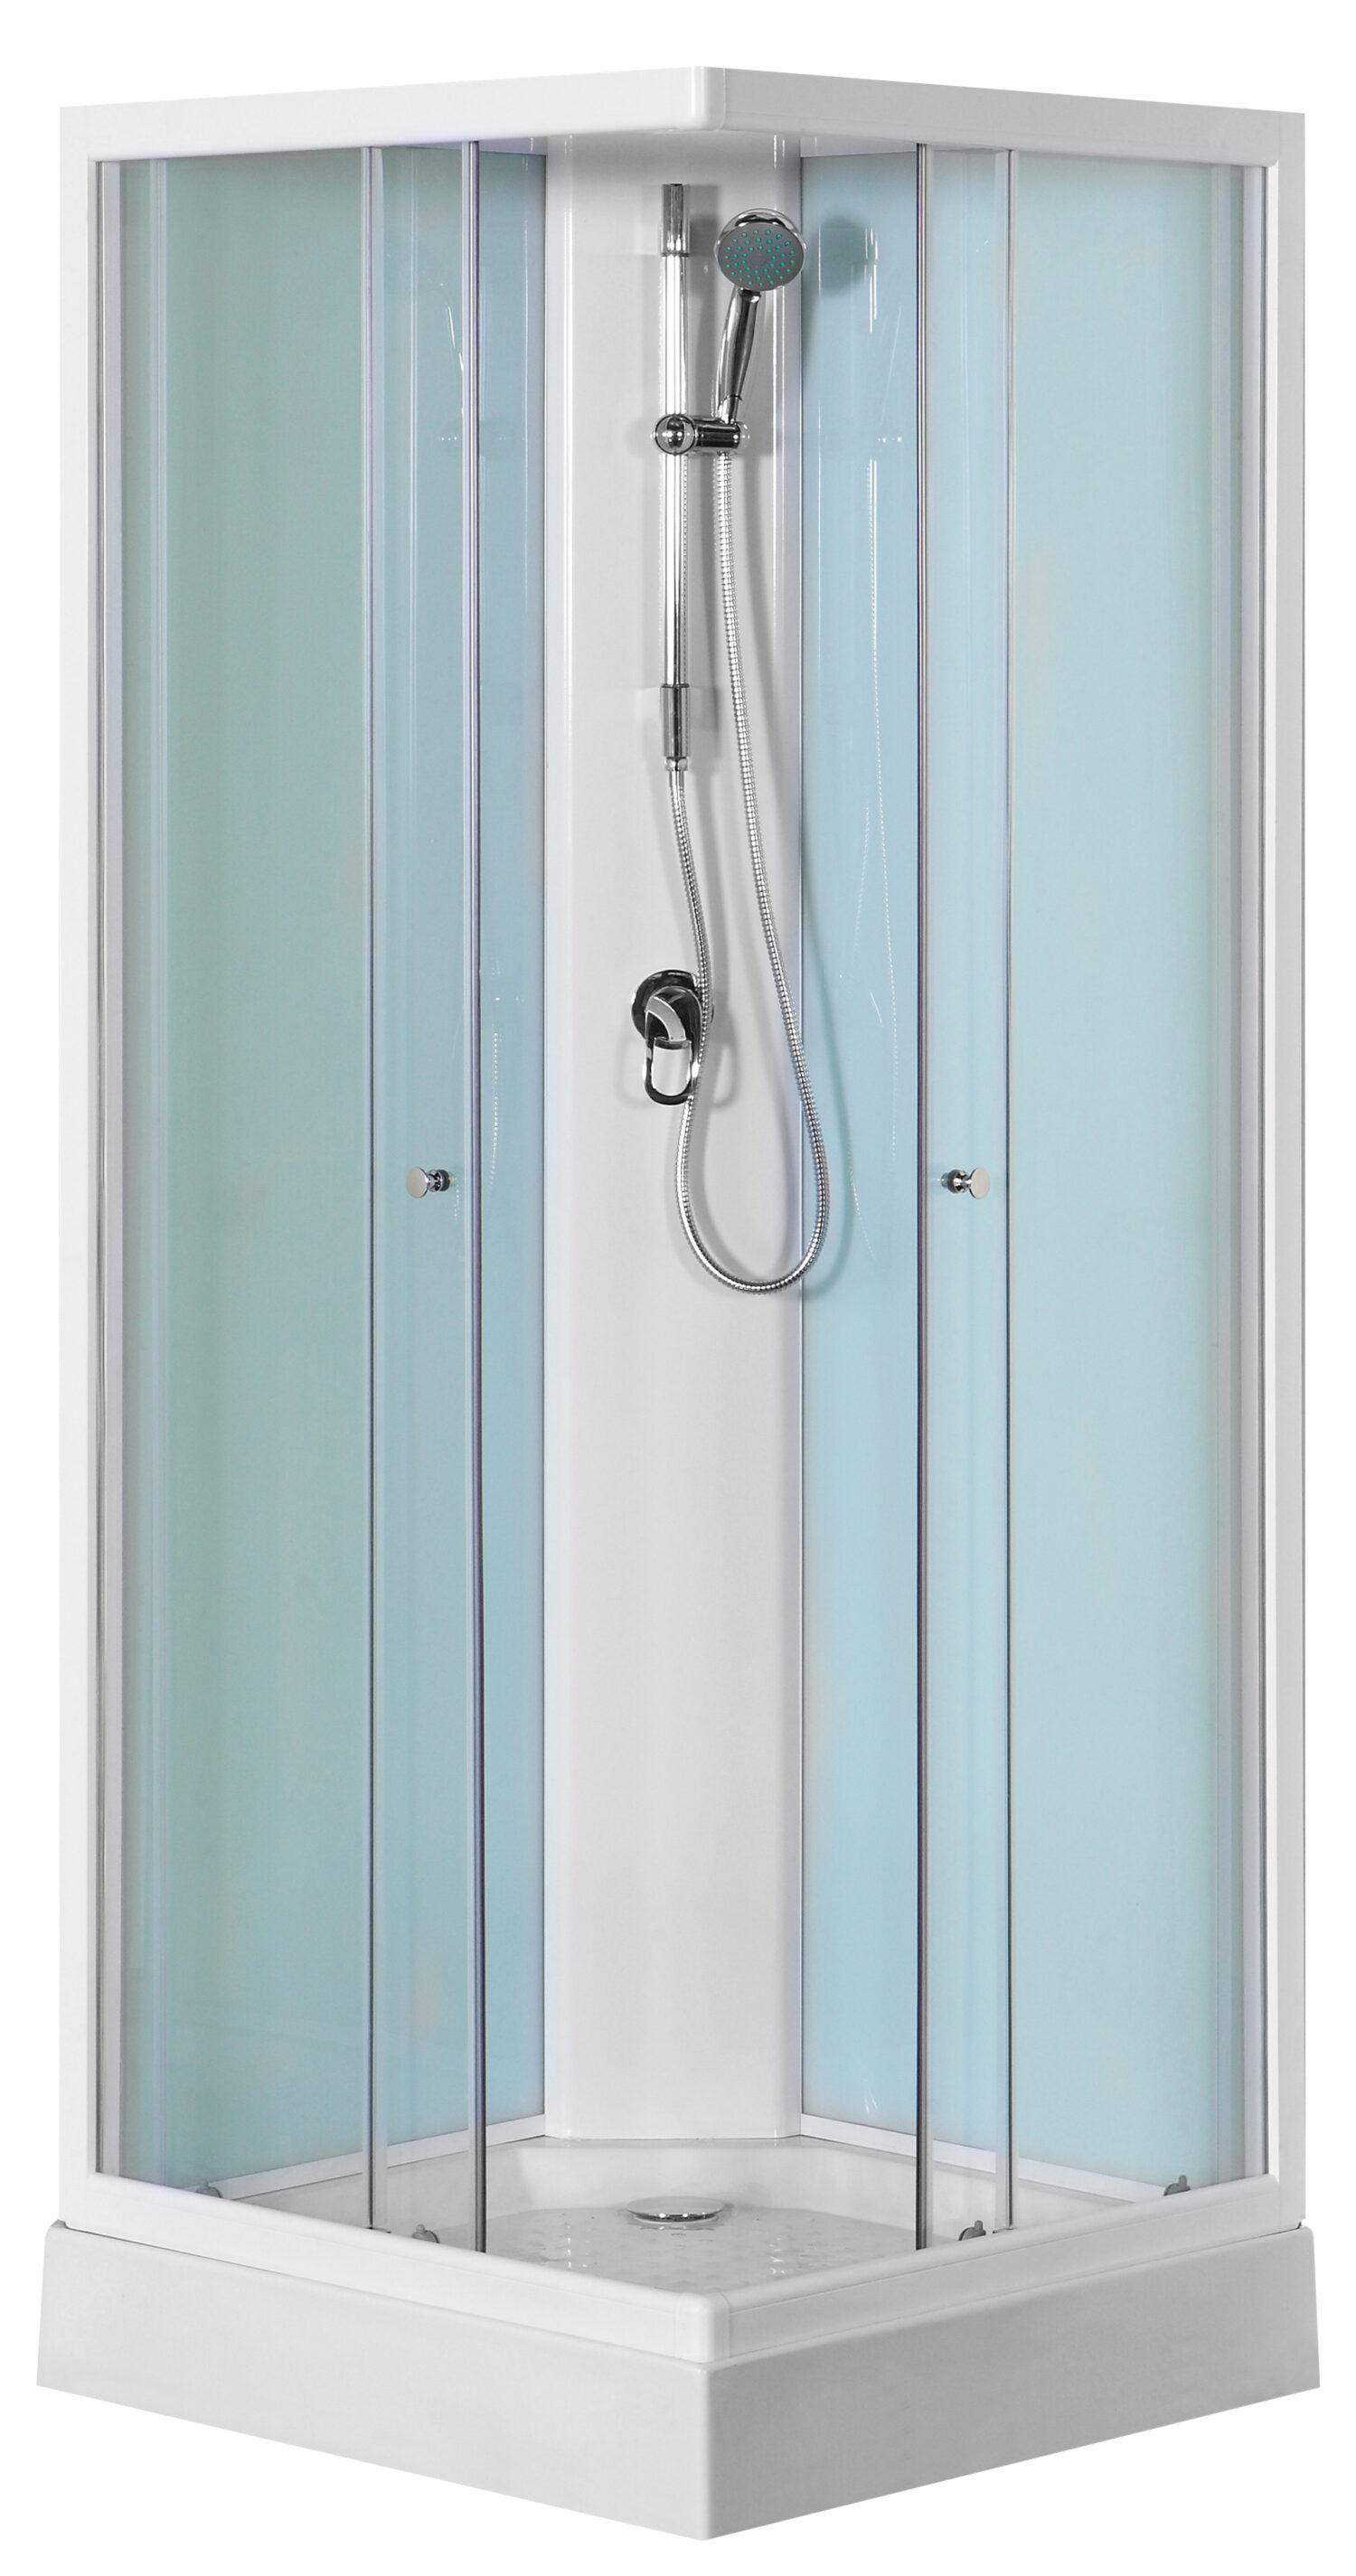 Turino 217rondom gesloten douchecabine met een ééngreepsmengkraan